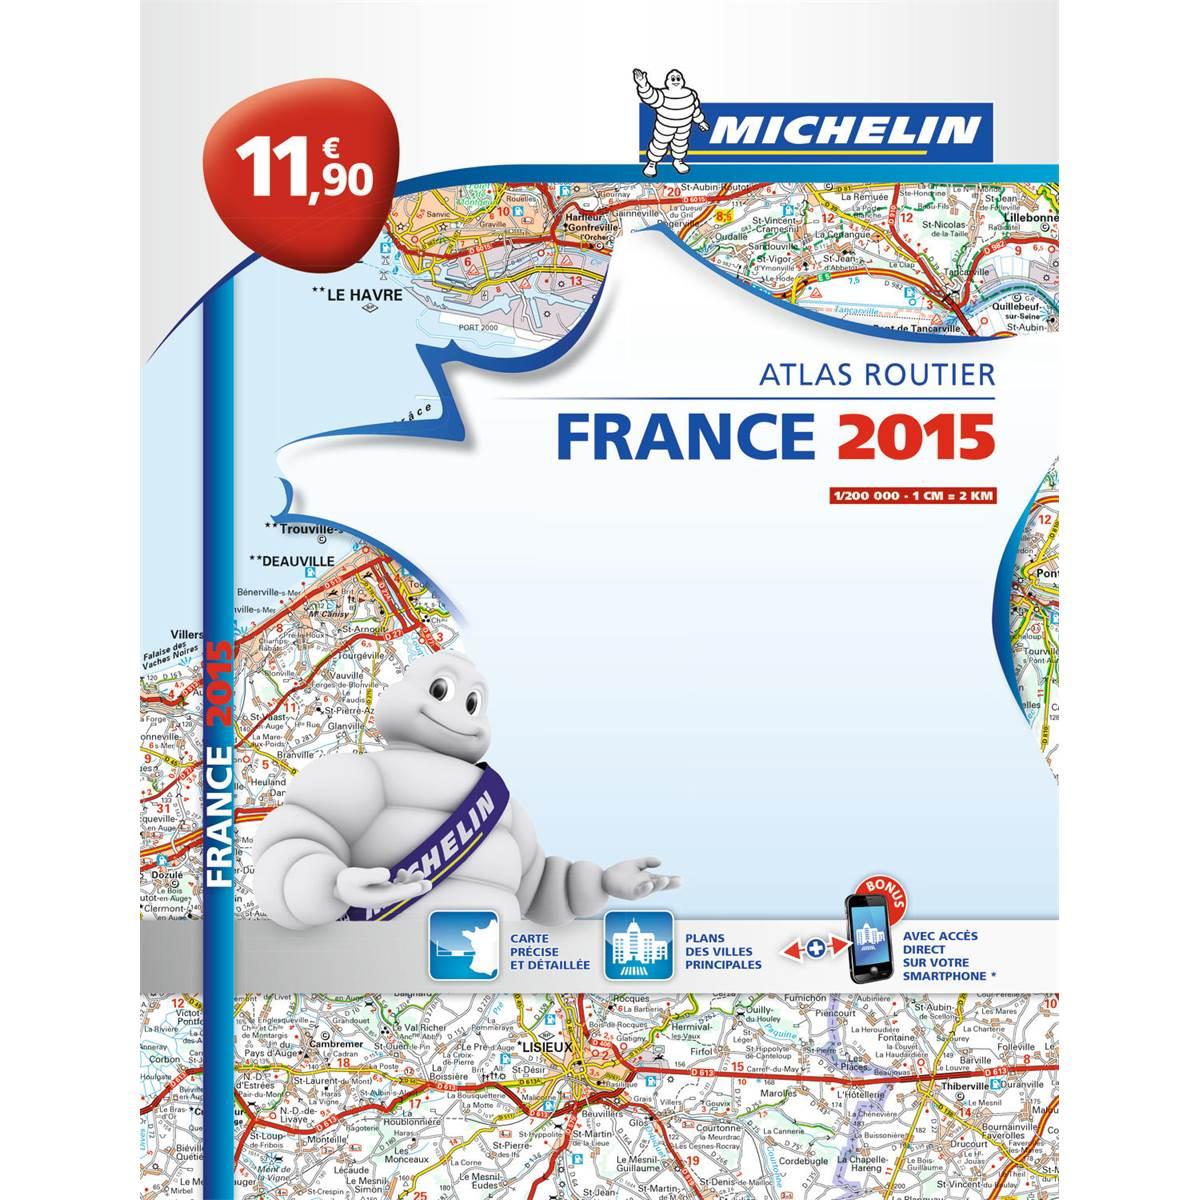 Atlas routier broché France 2015 Michelin